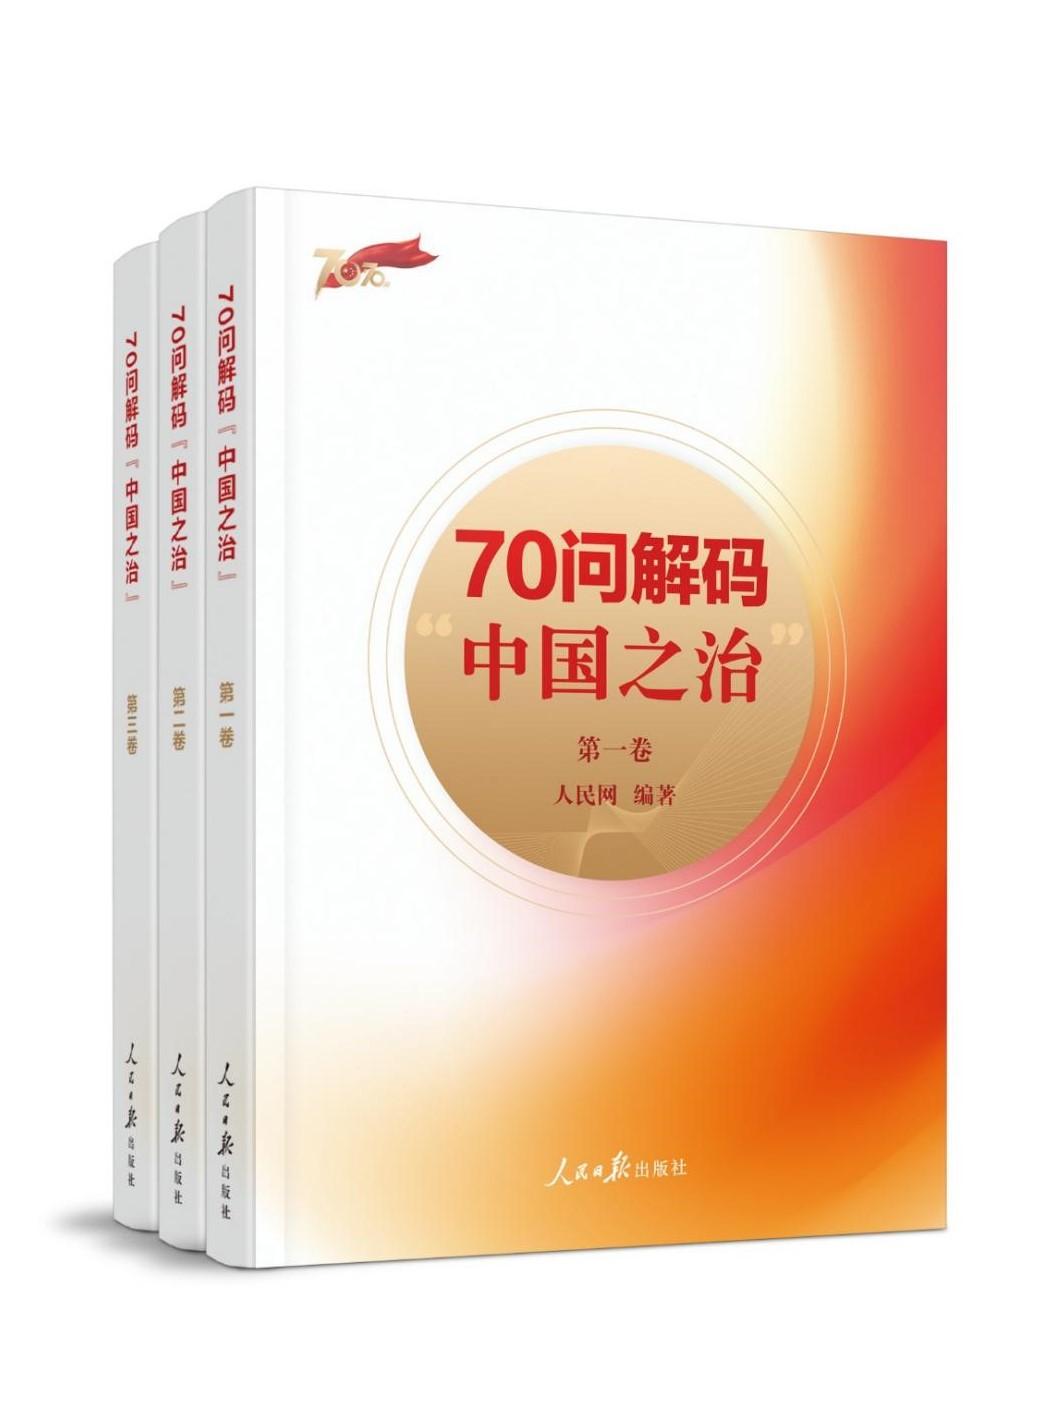 """《70问解码""""中国之治""""》出版""""一站式""""掌握时政热点"""